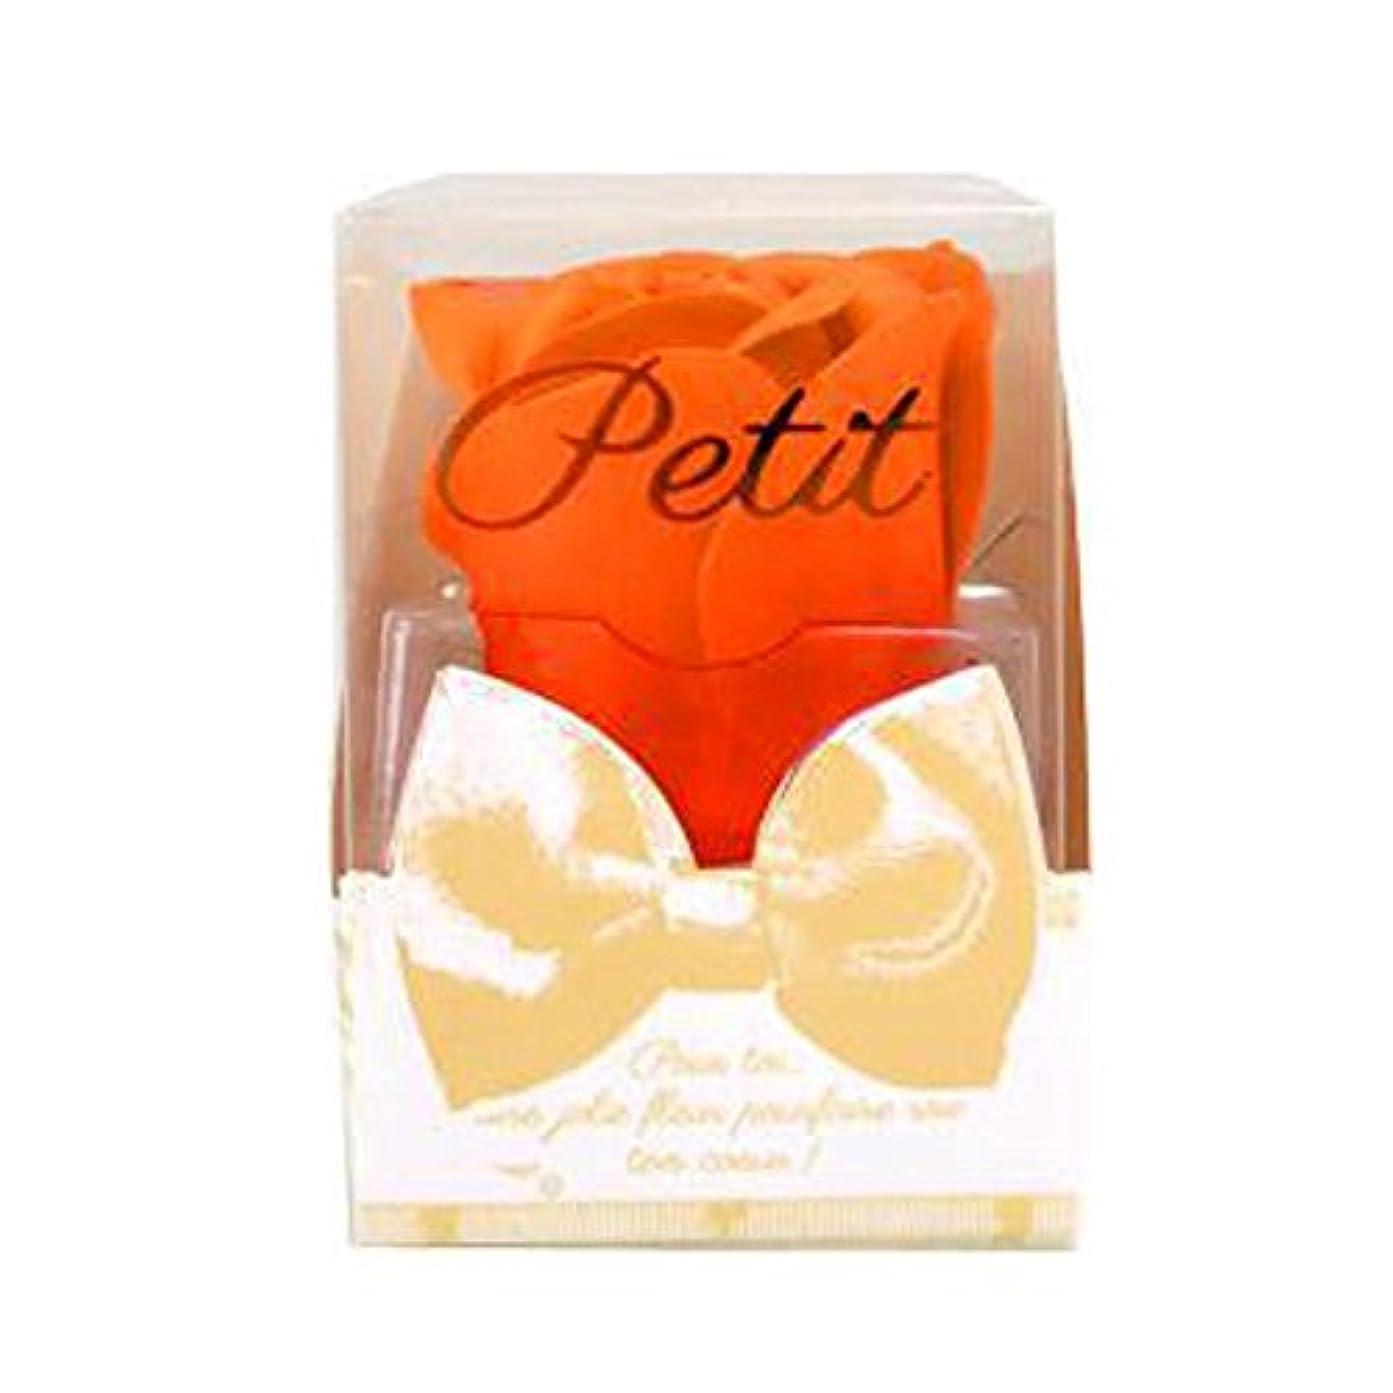 ワーディアンケース刺激する優越入浴剤 バスフレグランス Petit(プッチ) オレンジ